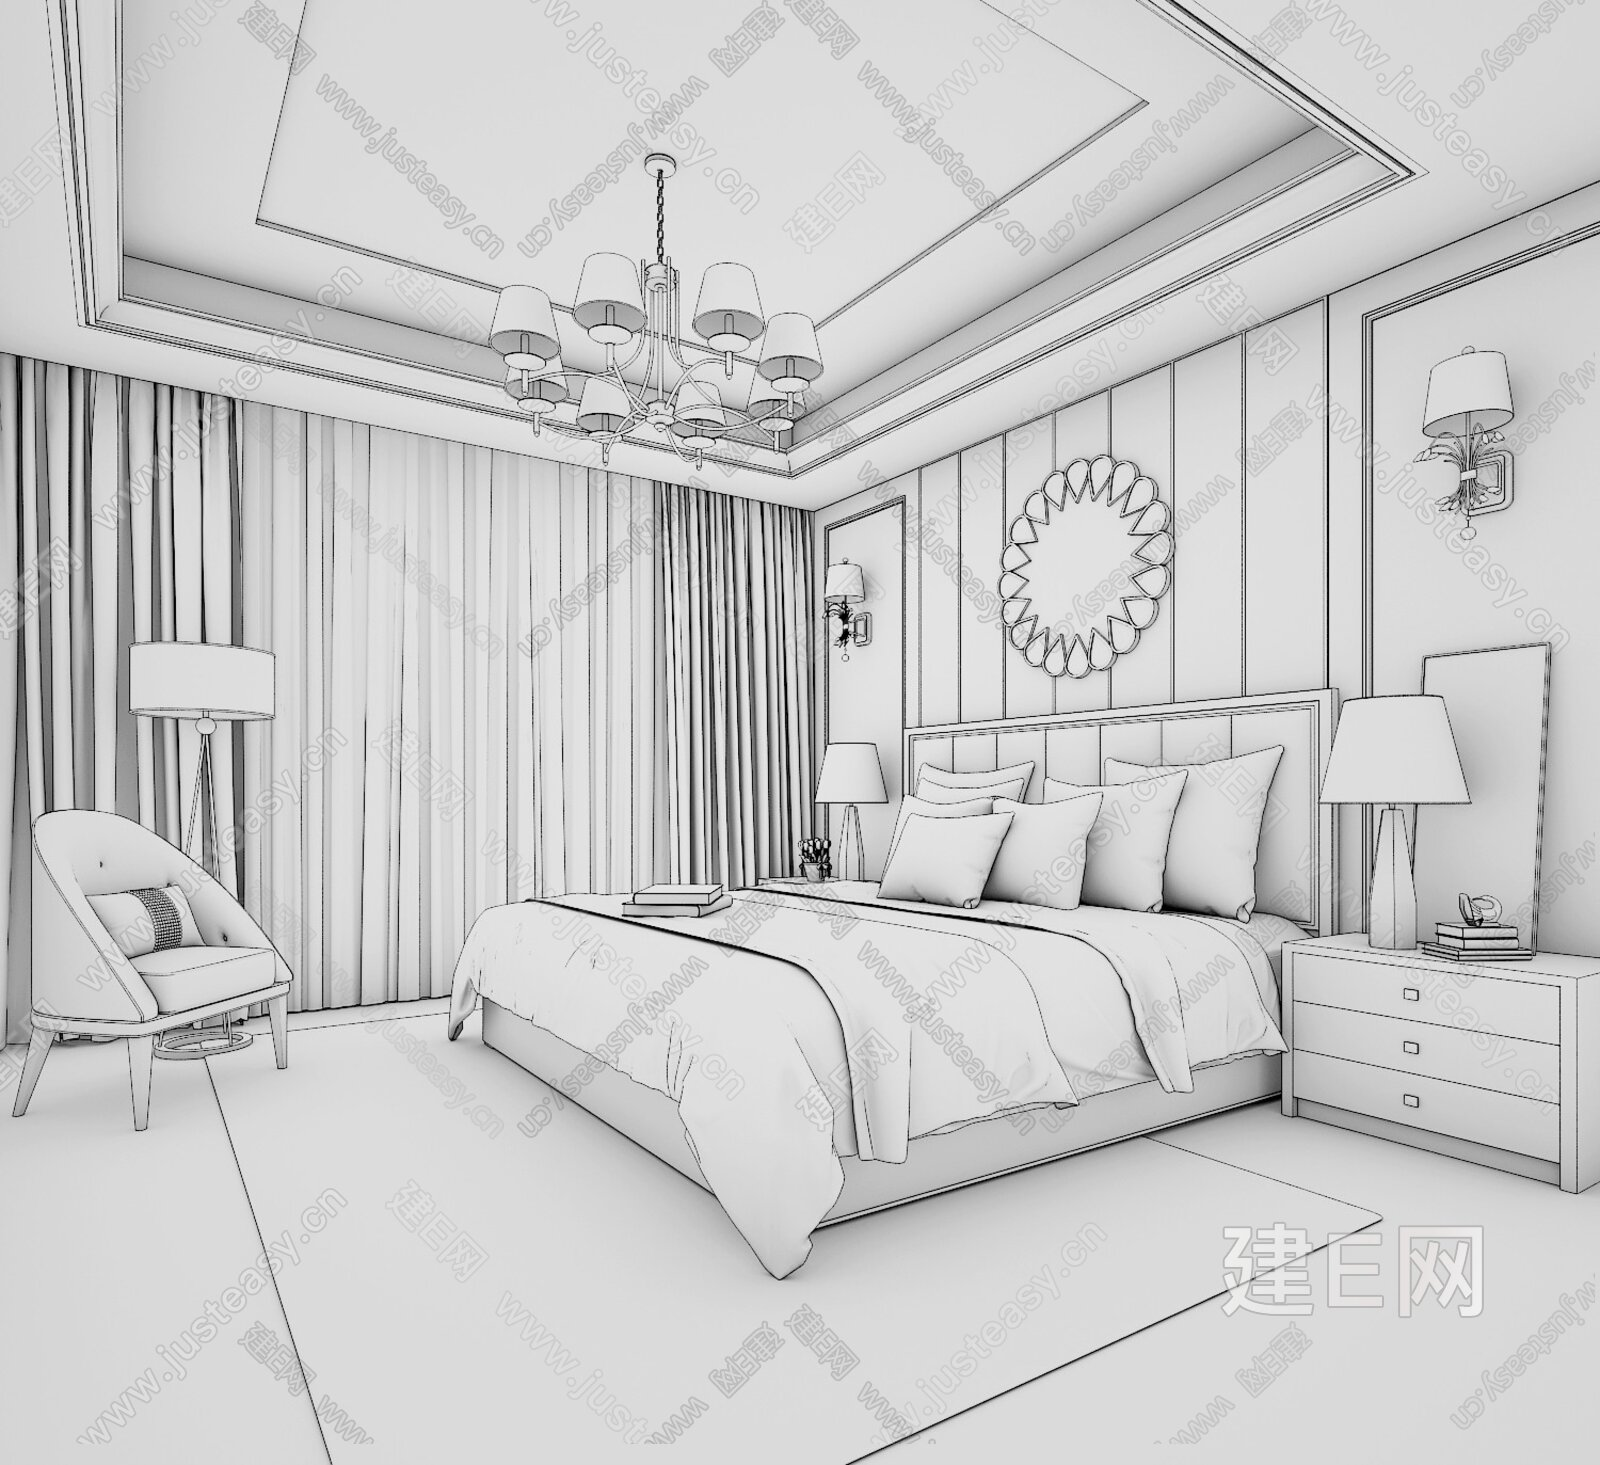 卧室透视图线稿